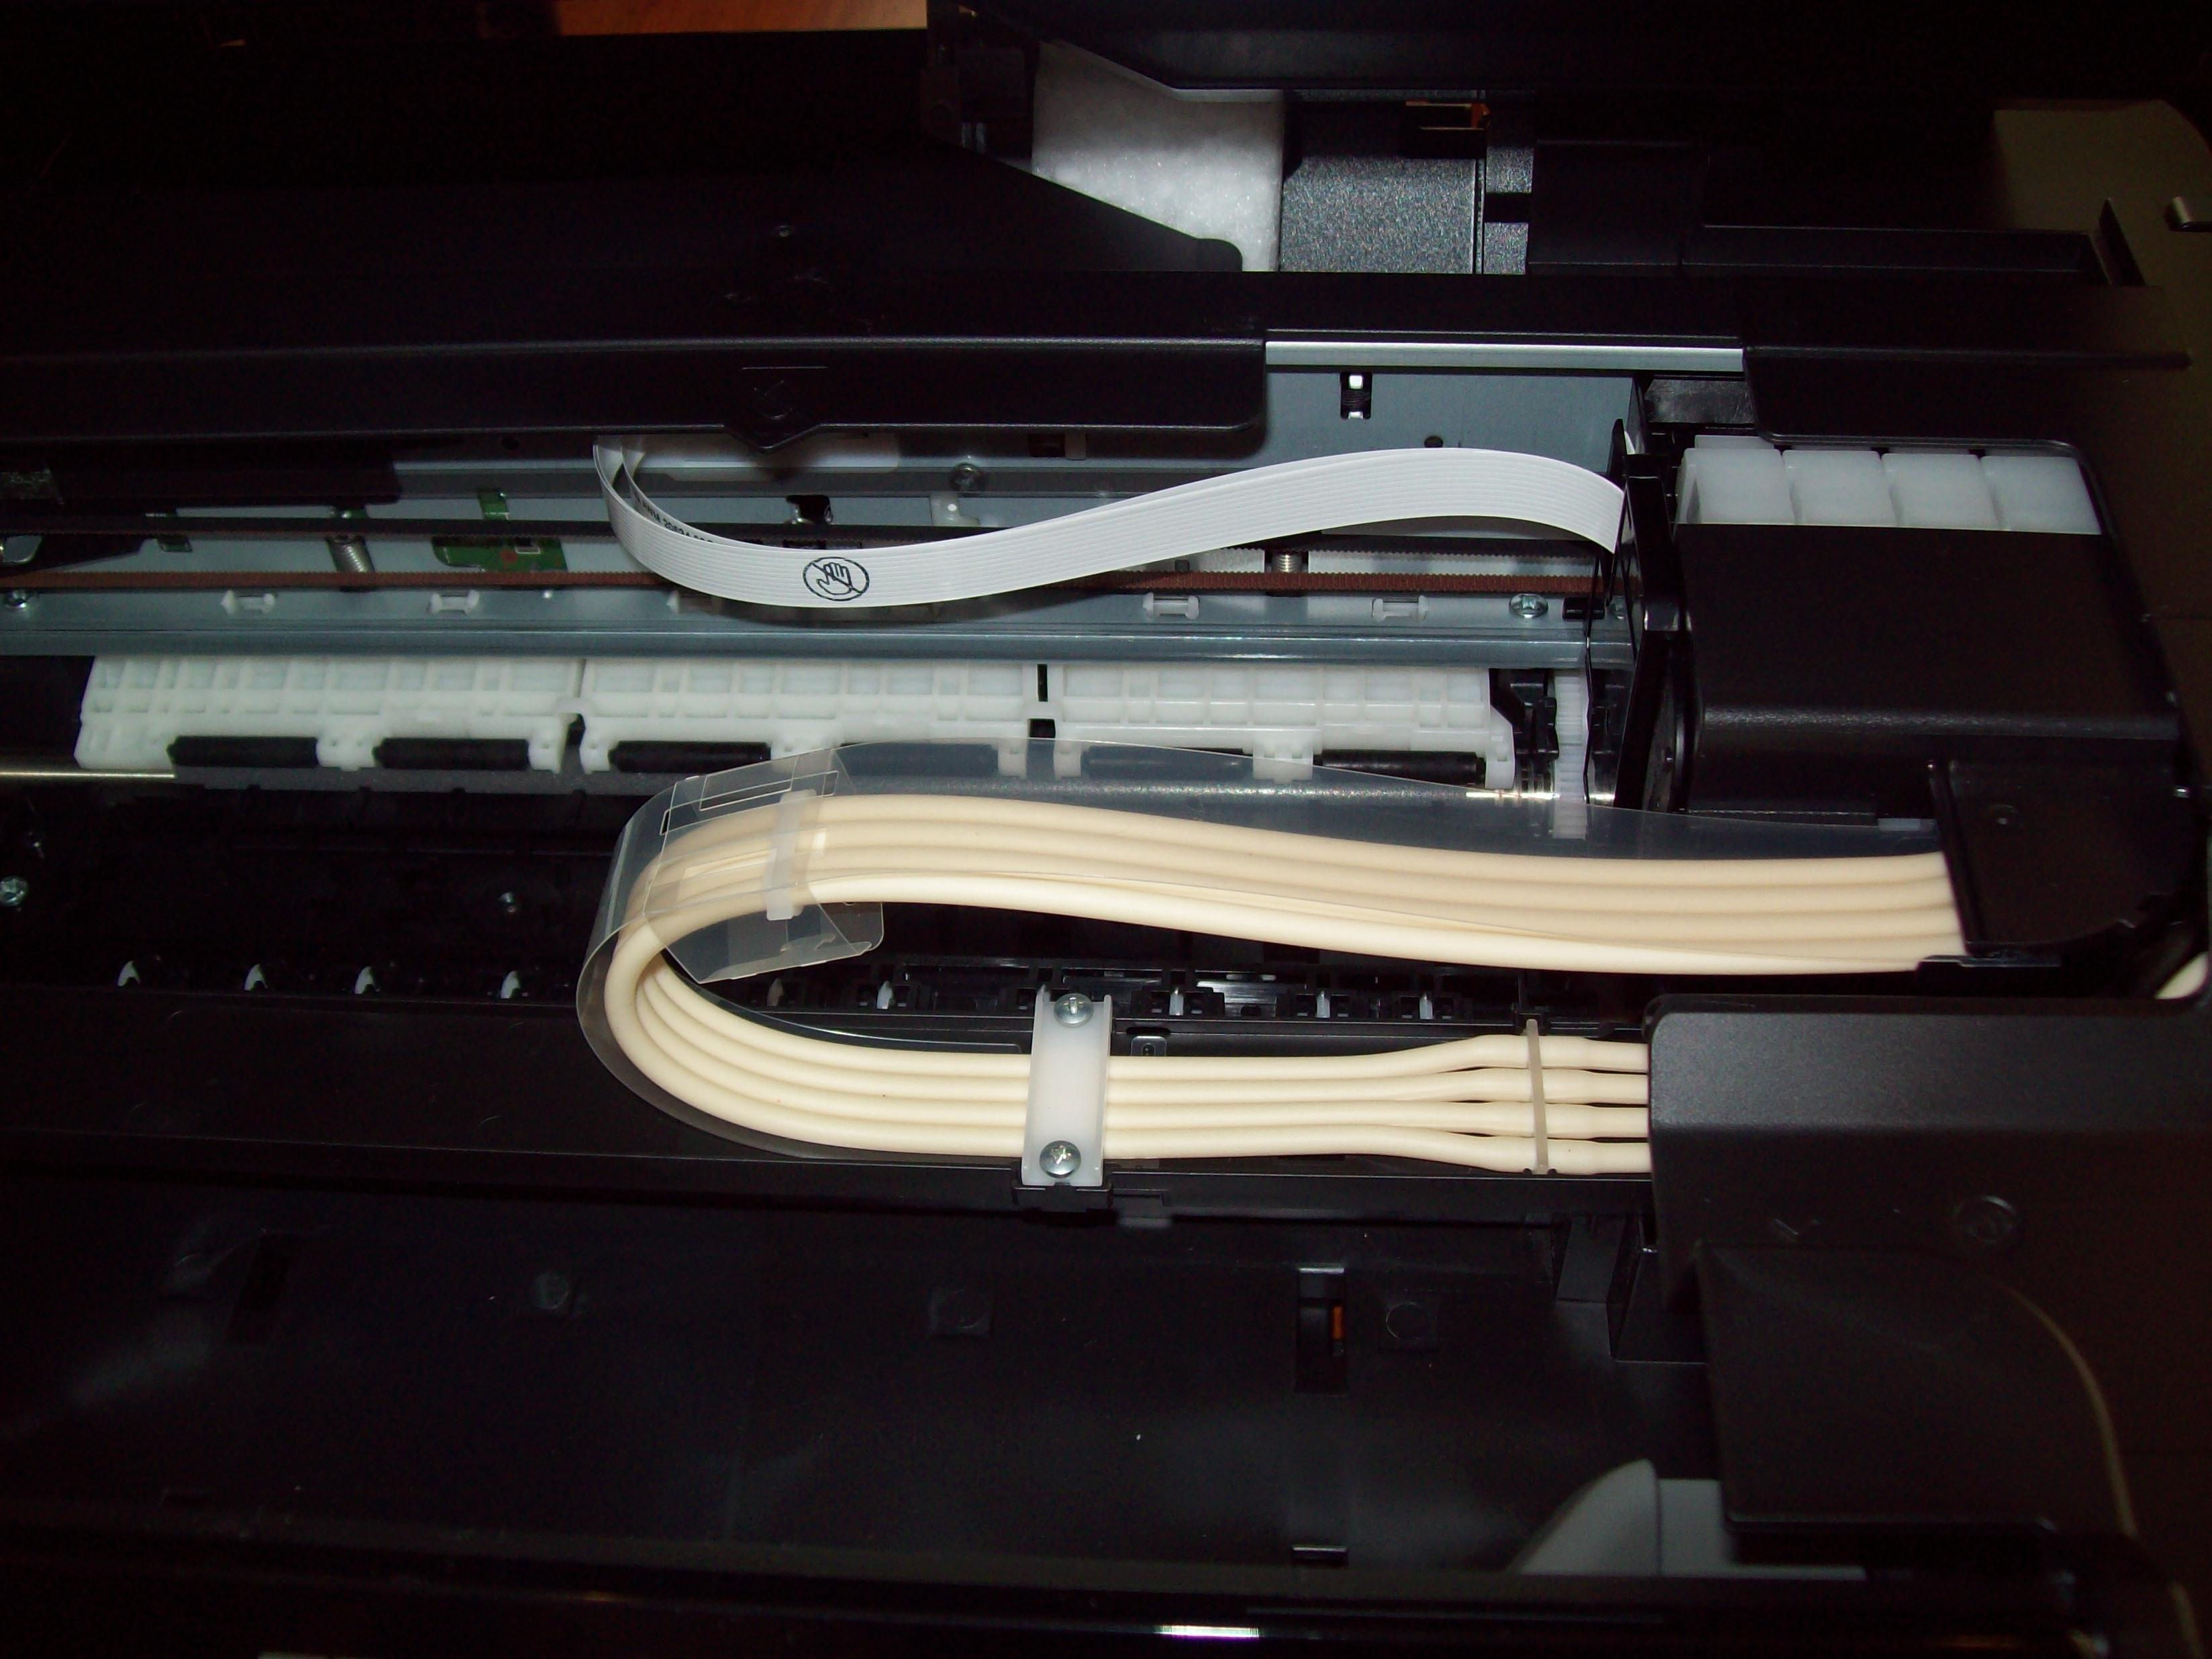 El sistema esta ensamblado prolijamente como parte de la impresora.